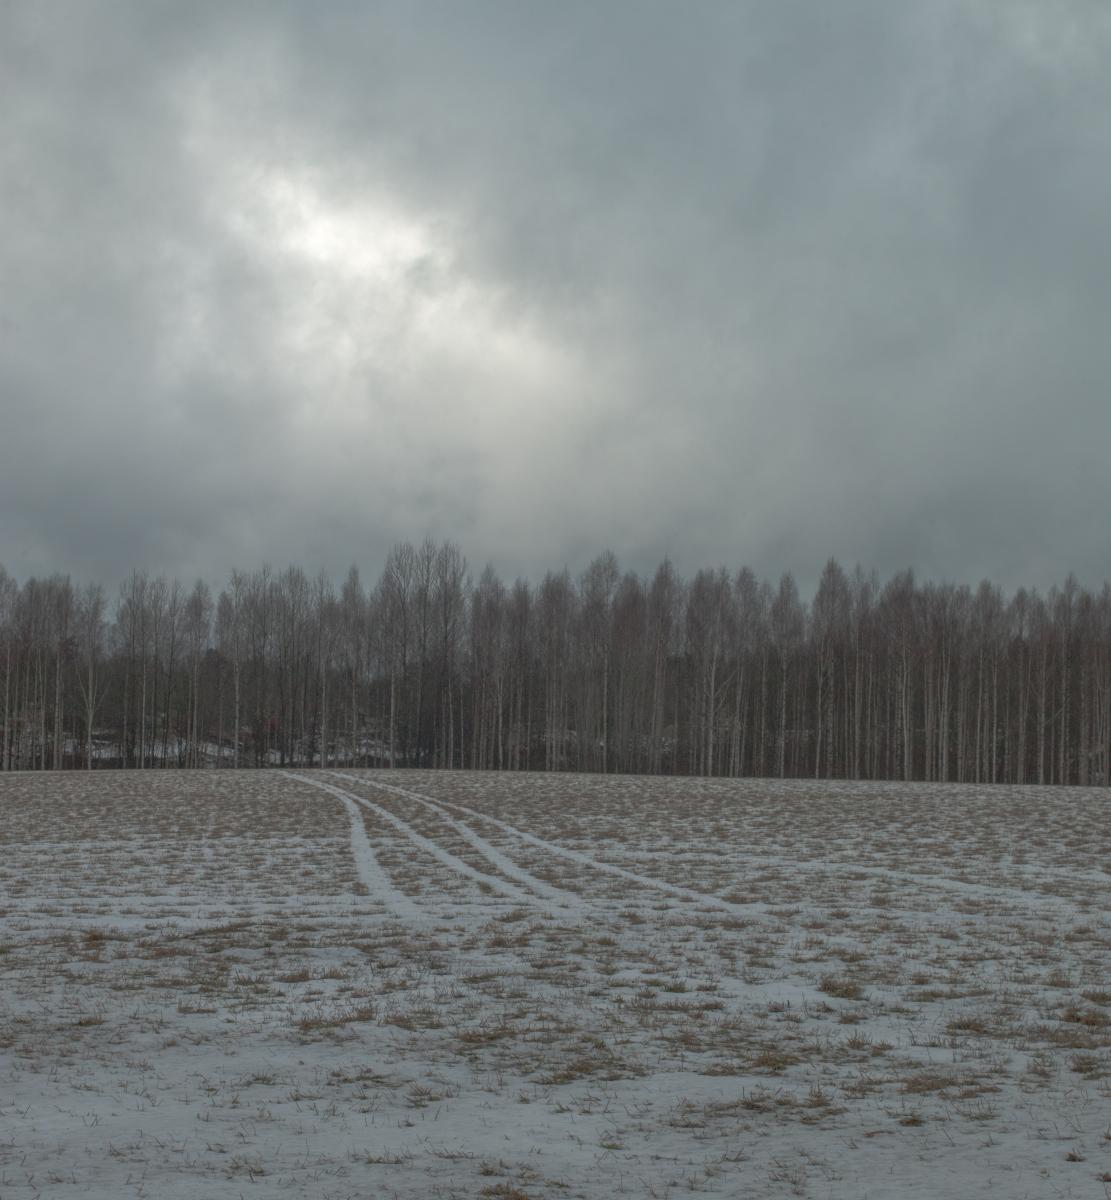 Den stekande vintersolen